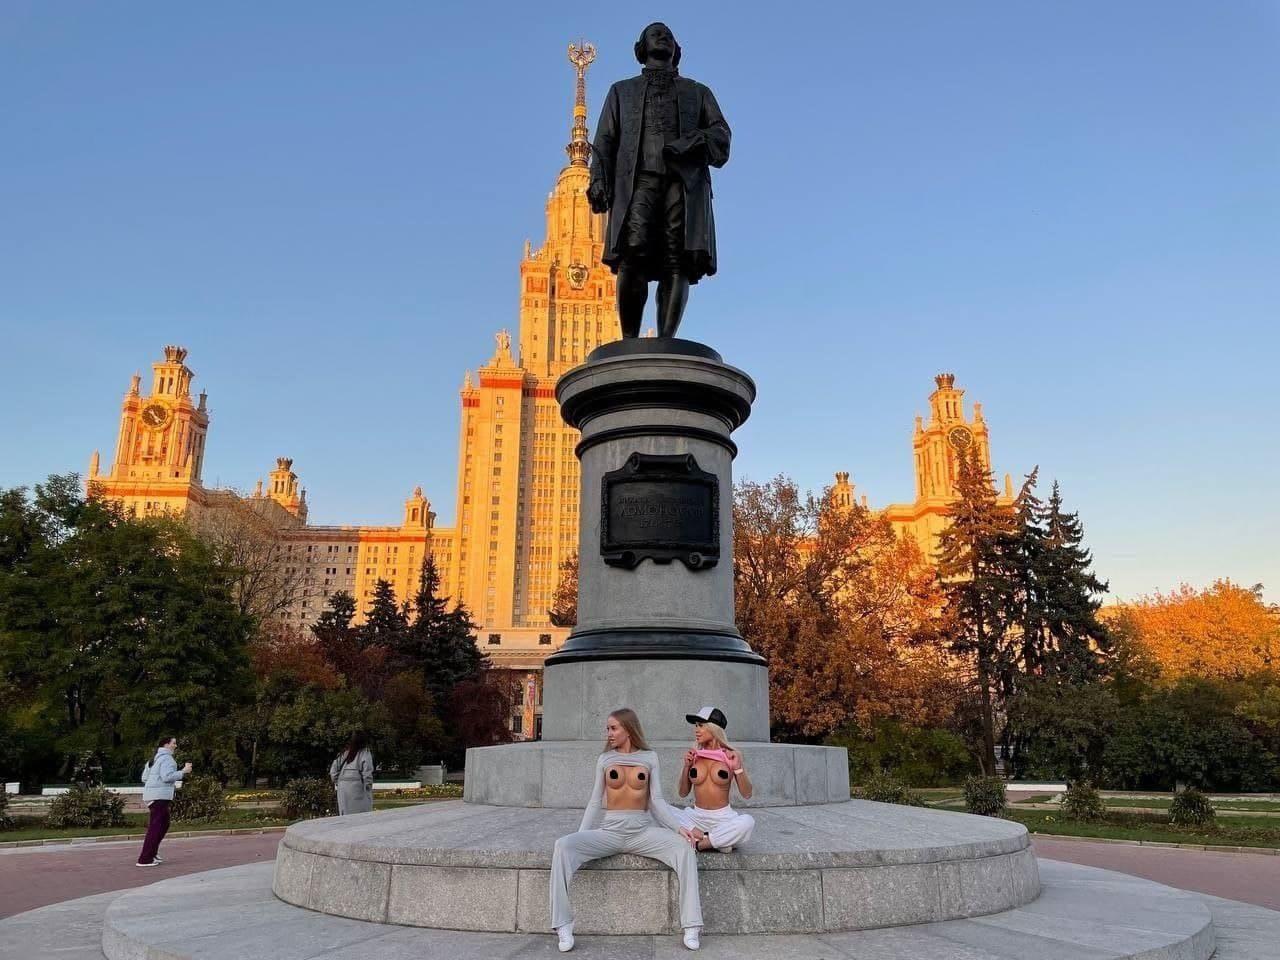 Девушки устроили фотосессию на фоне памятника Ломоносову возле главного корпуса МГУ.